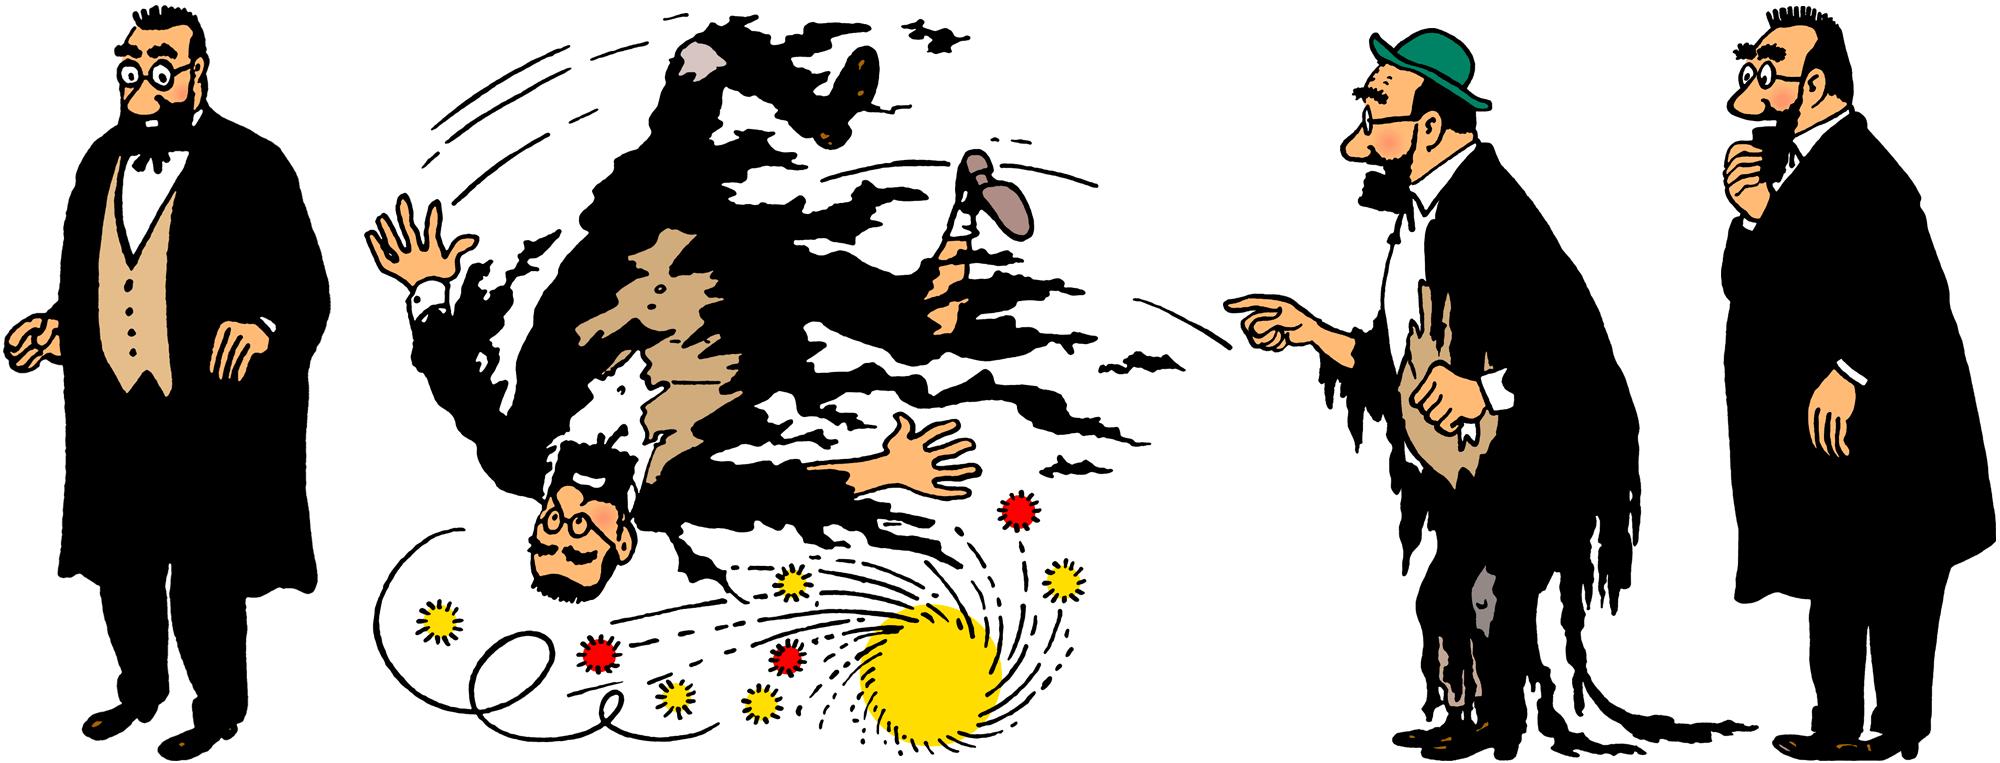 Tintin - Les Aventures de Tintin - Personnage Le professeur Bergamotte